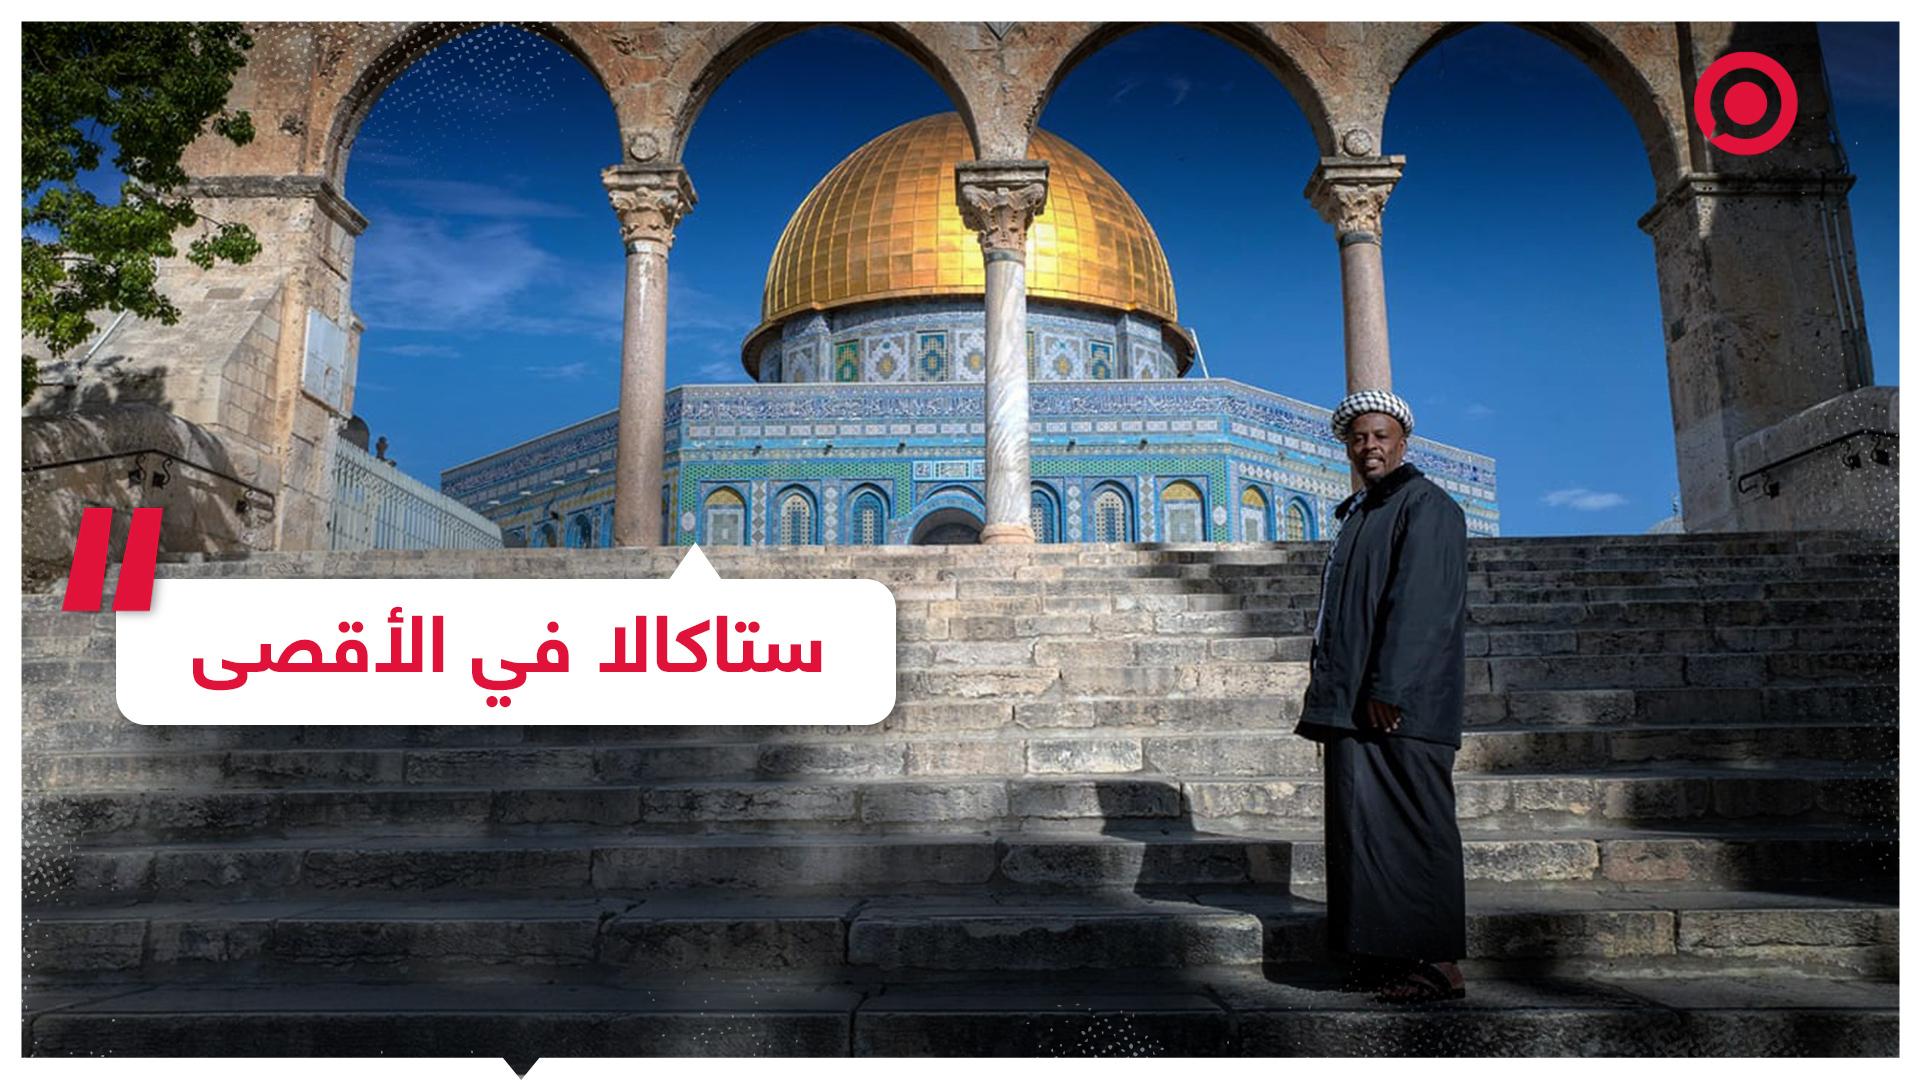 شهيد ستاكالا - جنوب إفريقيا - فلسطين